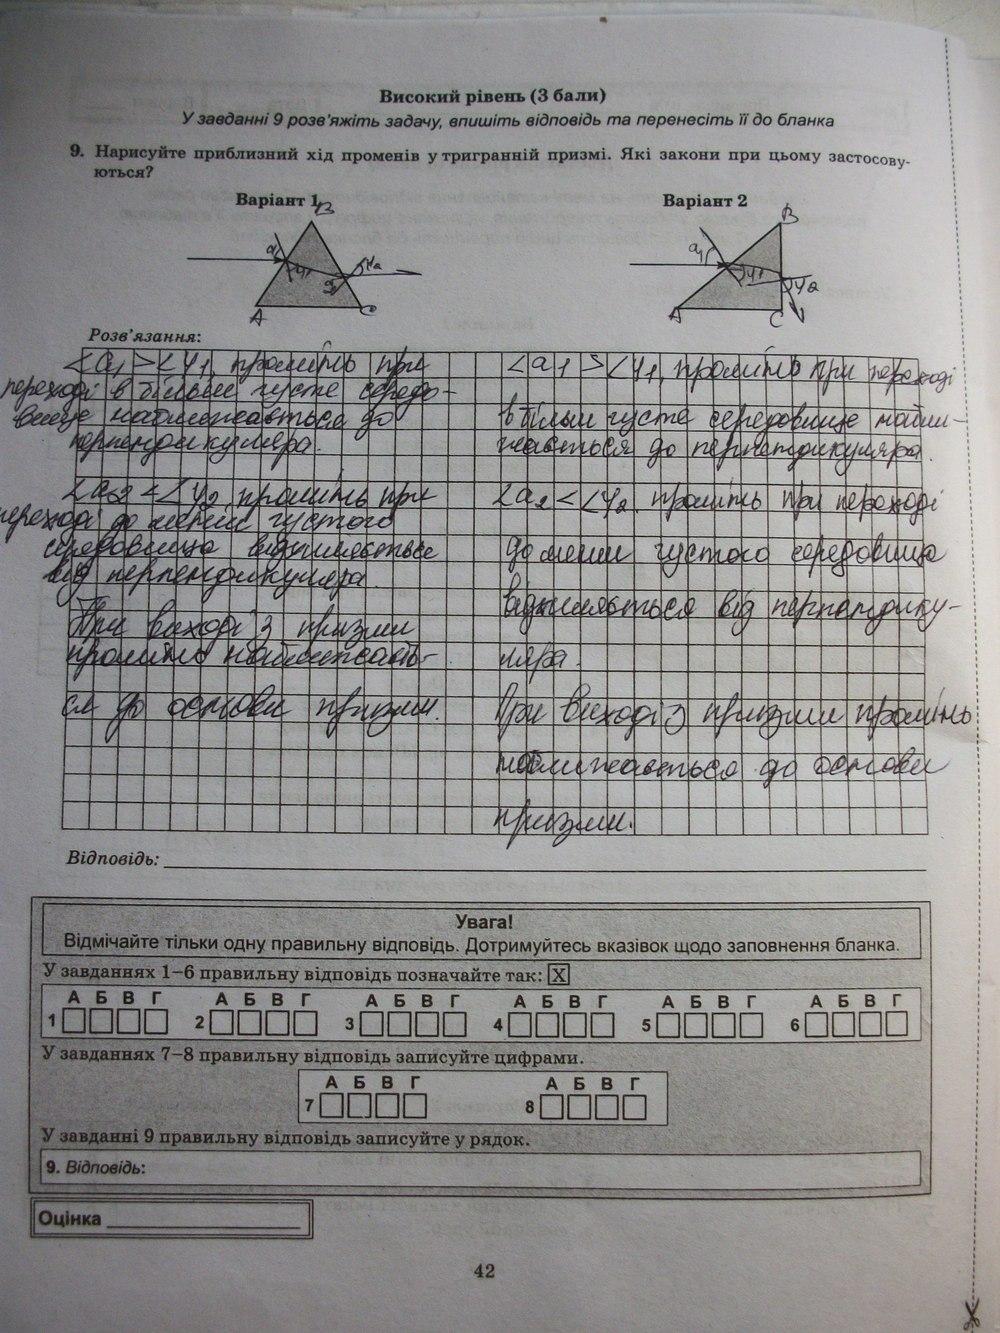 ГДЗ по физике 7 класс Чертіщева М. О.. Задание: стр. 42